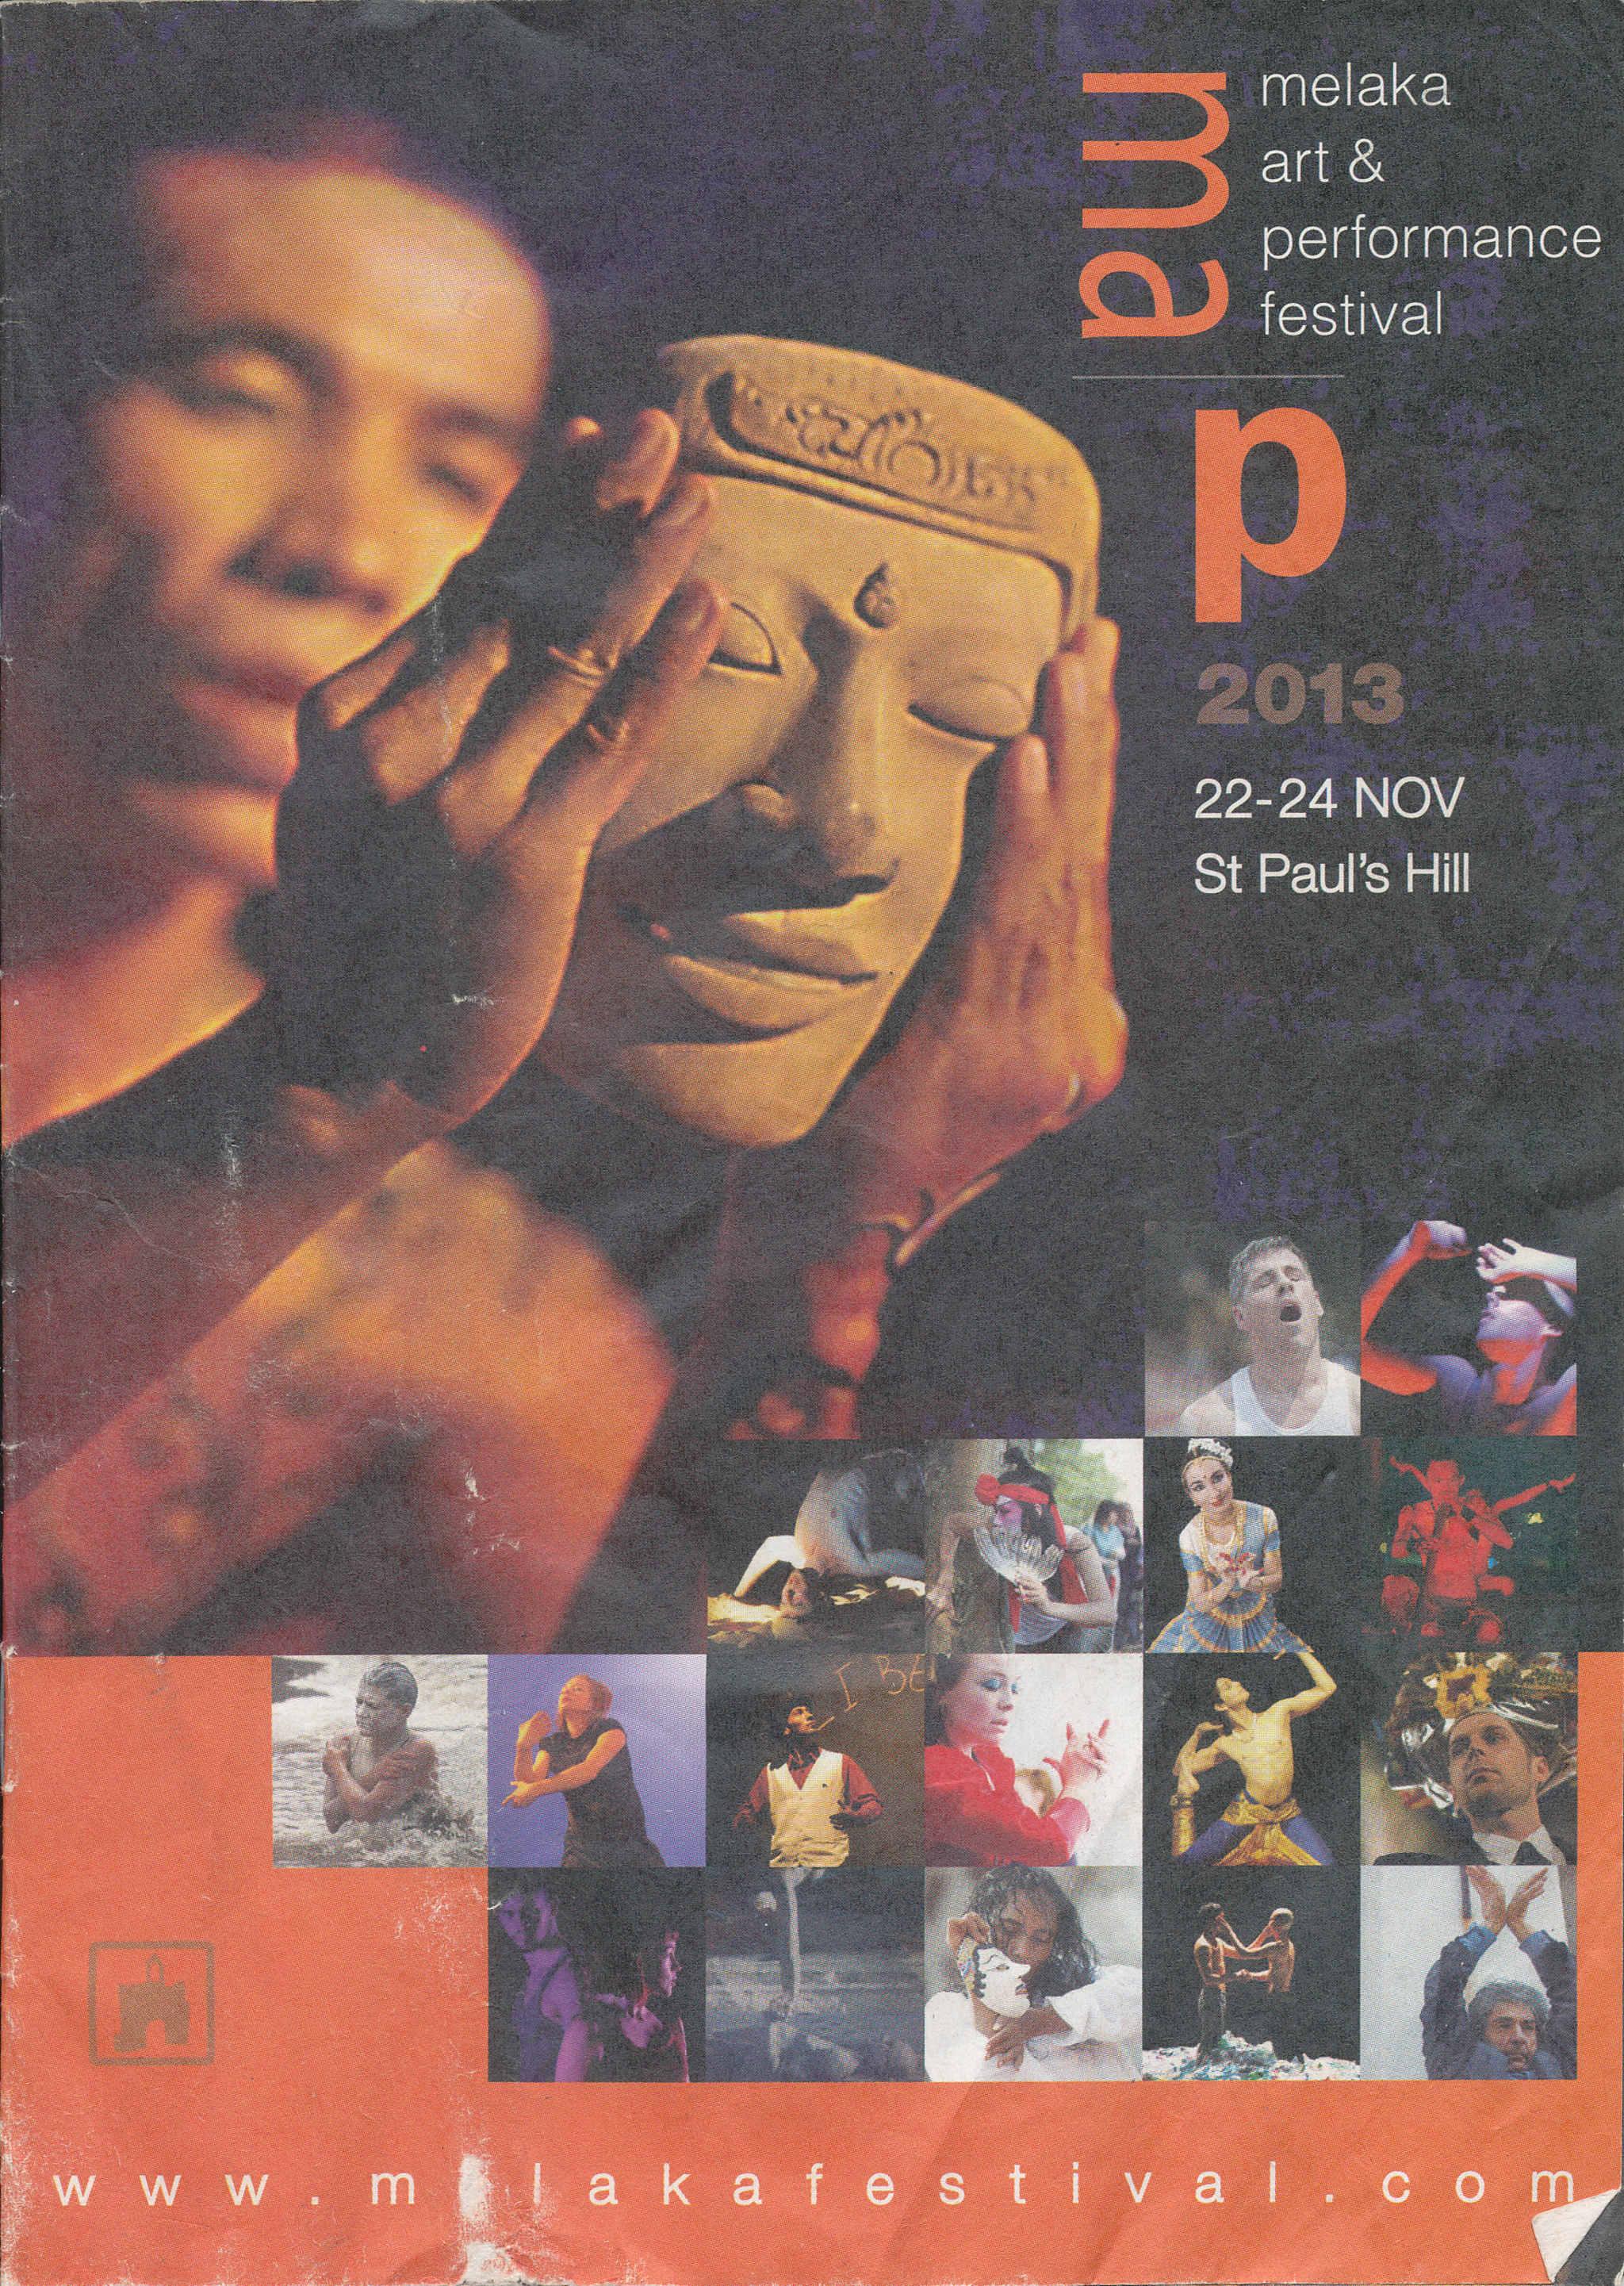 2013 Melaka Art & Performance Festival Cover